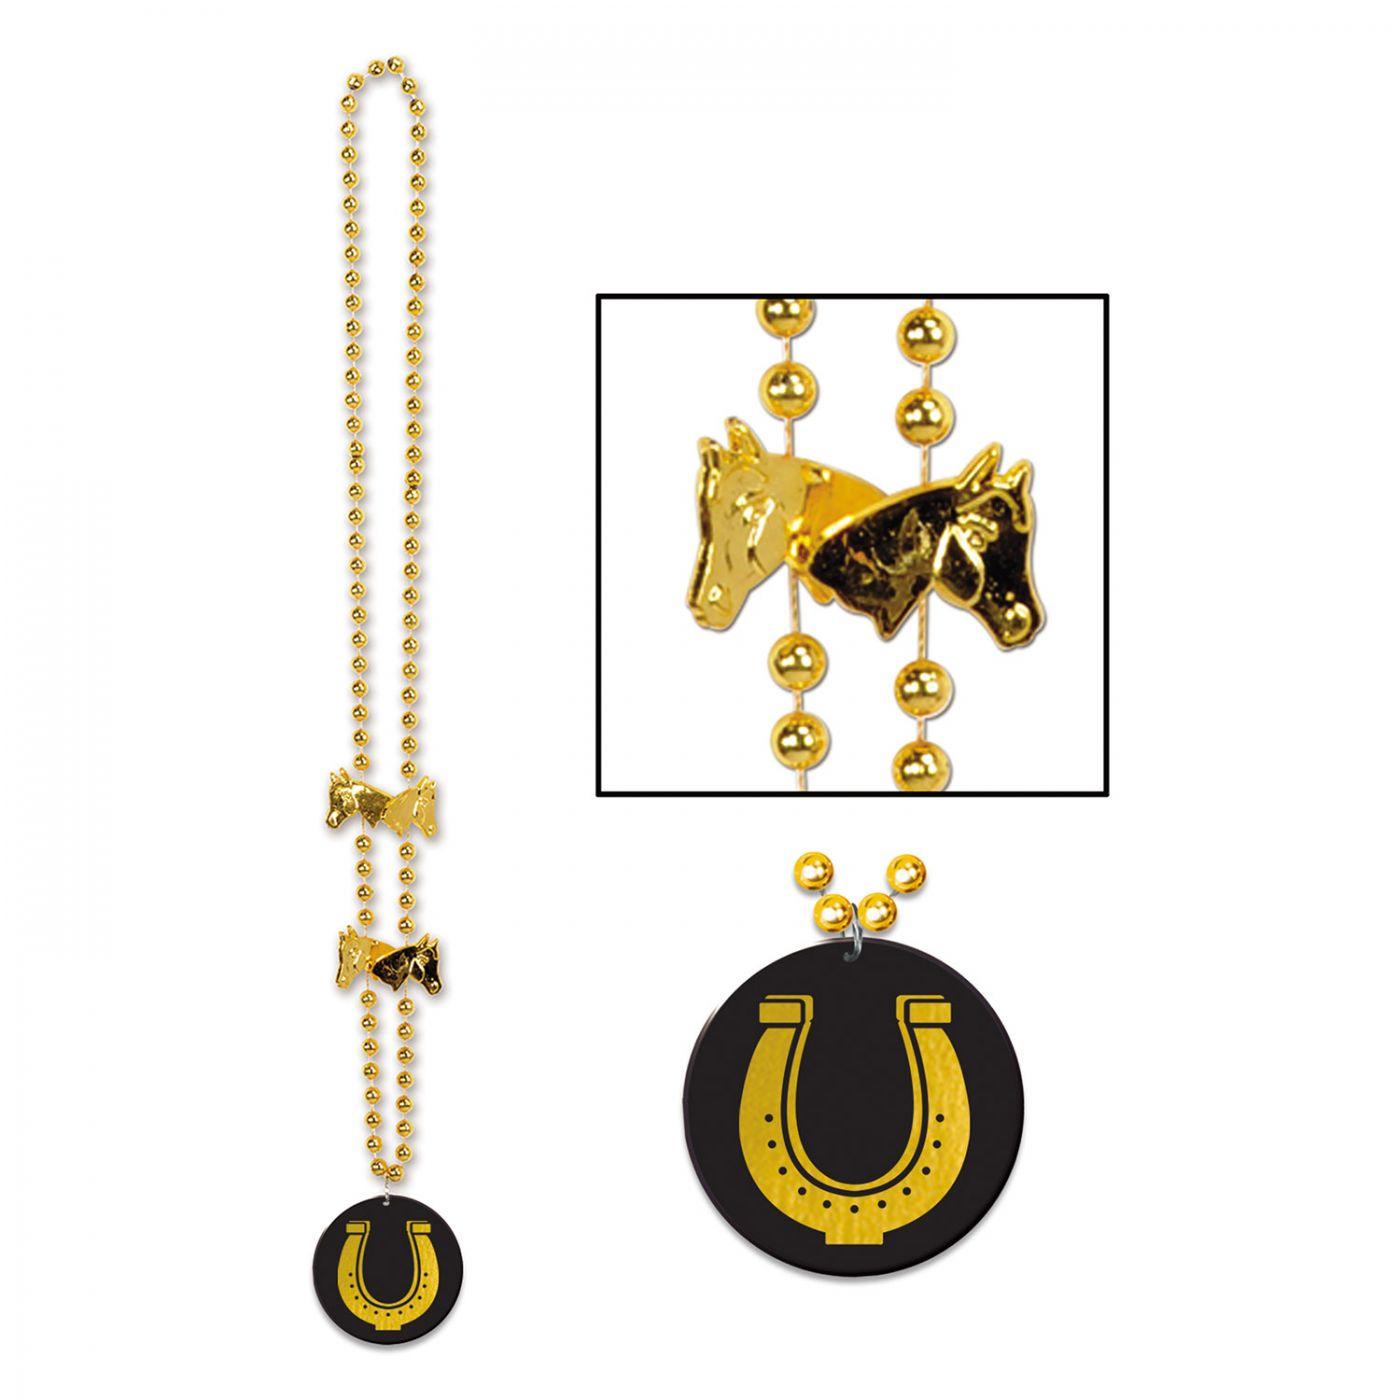 Beads w/Horseshoe Medallion image